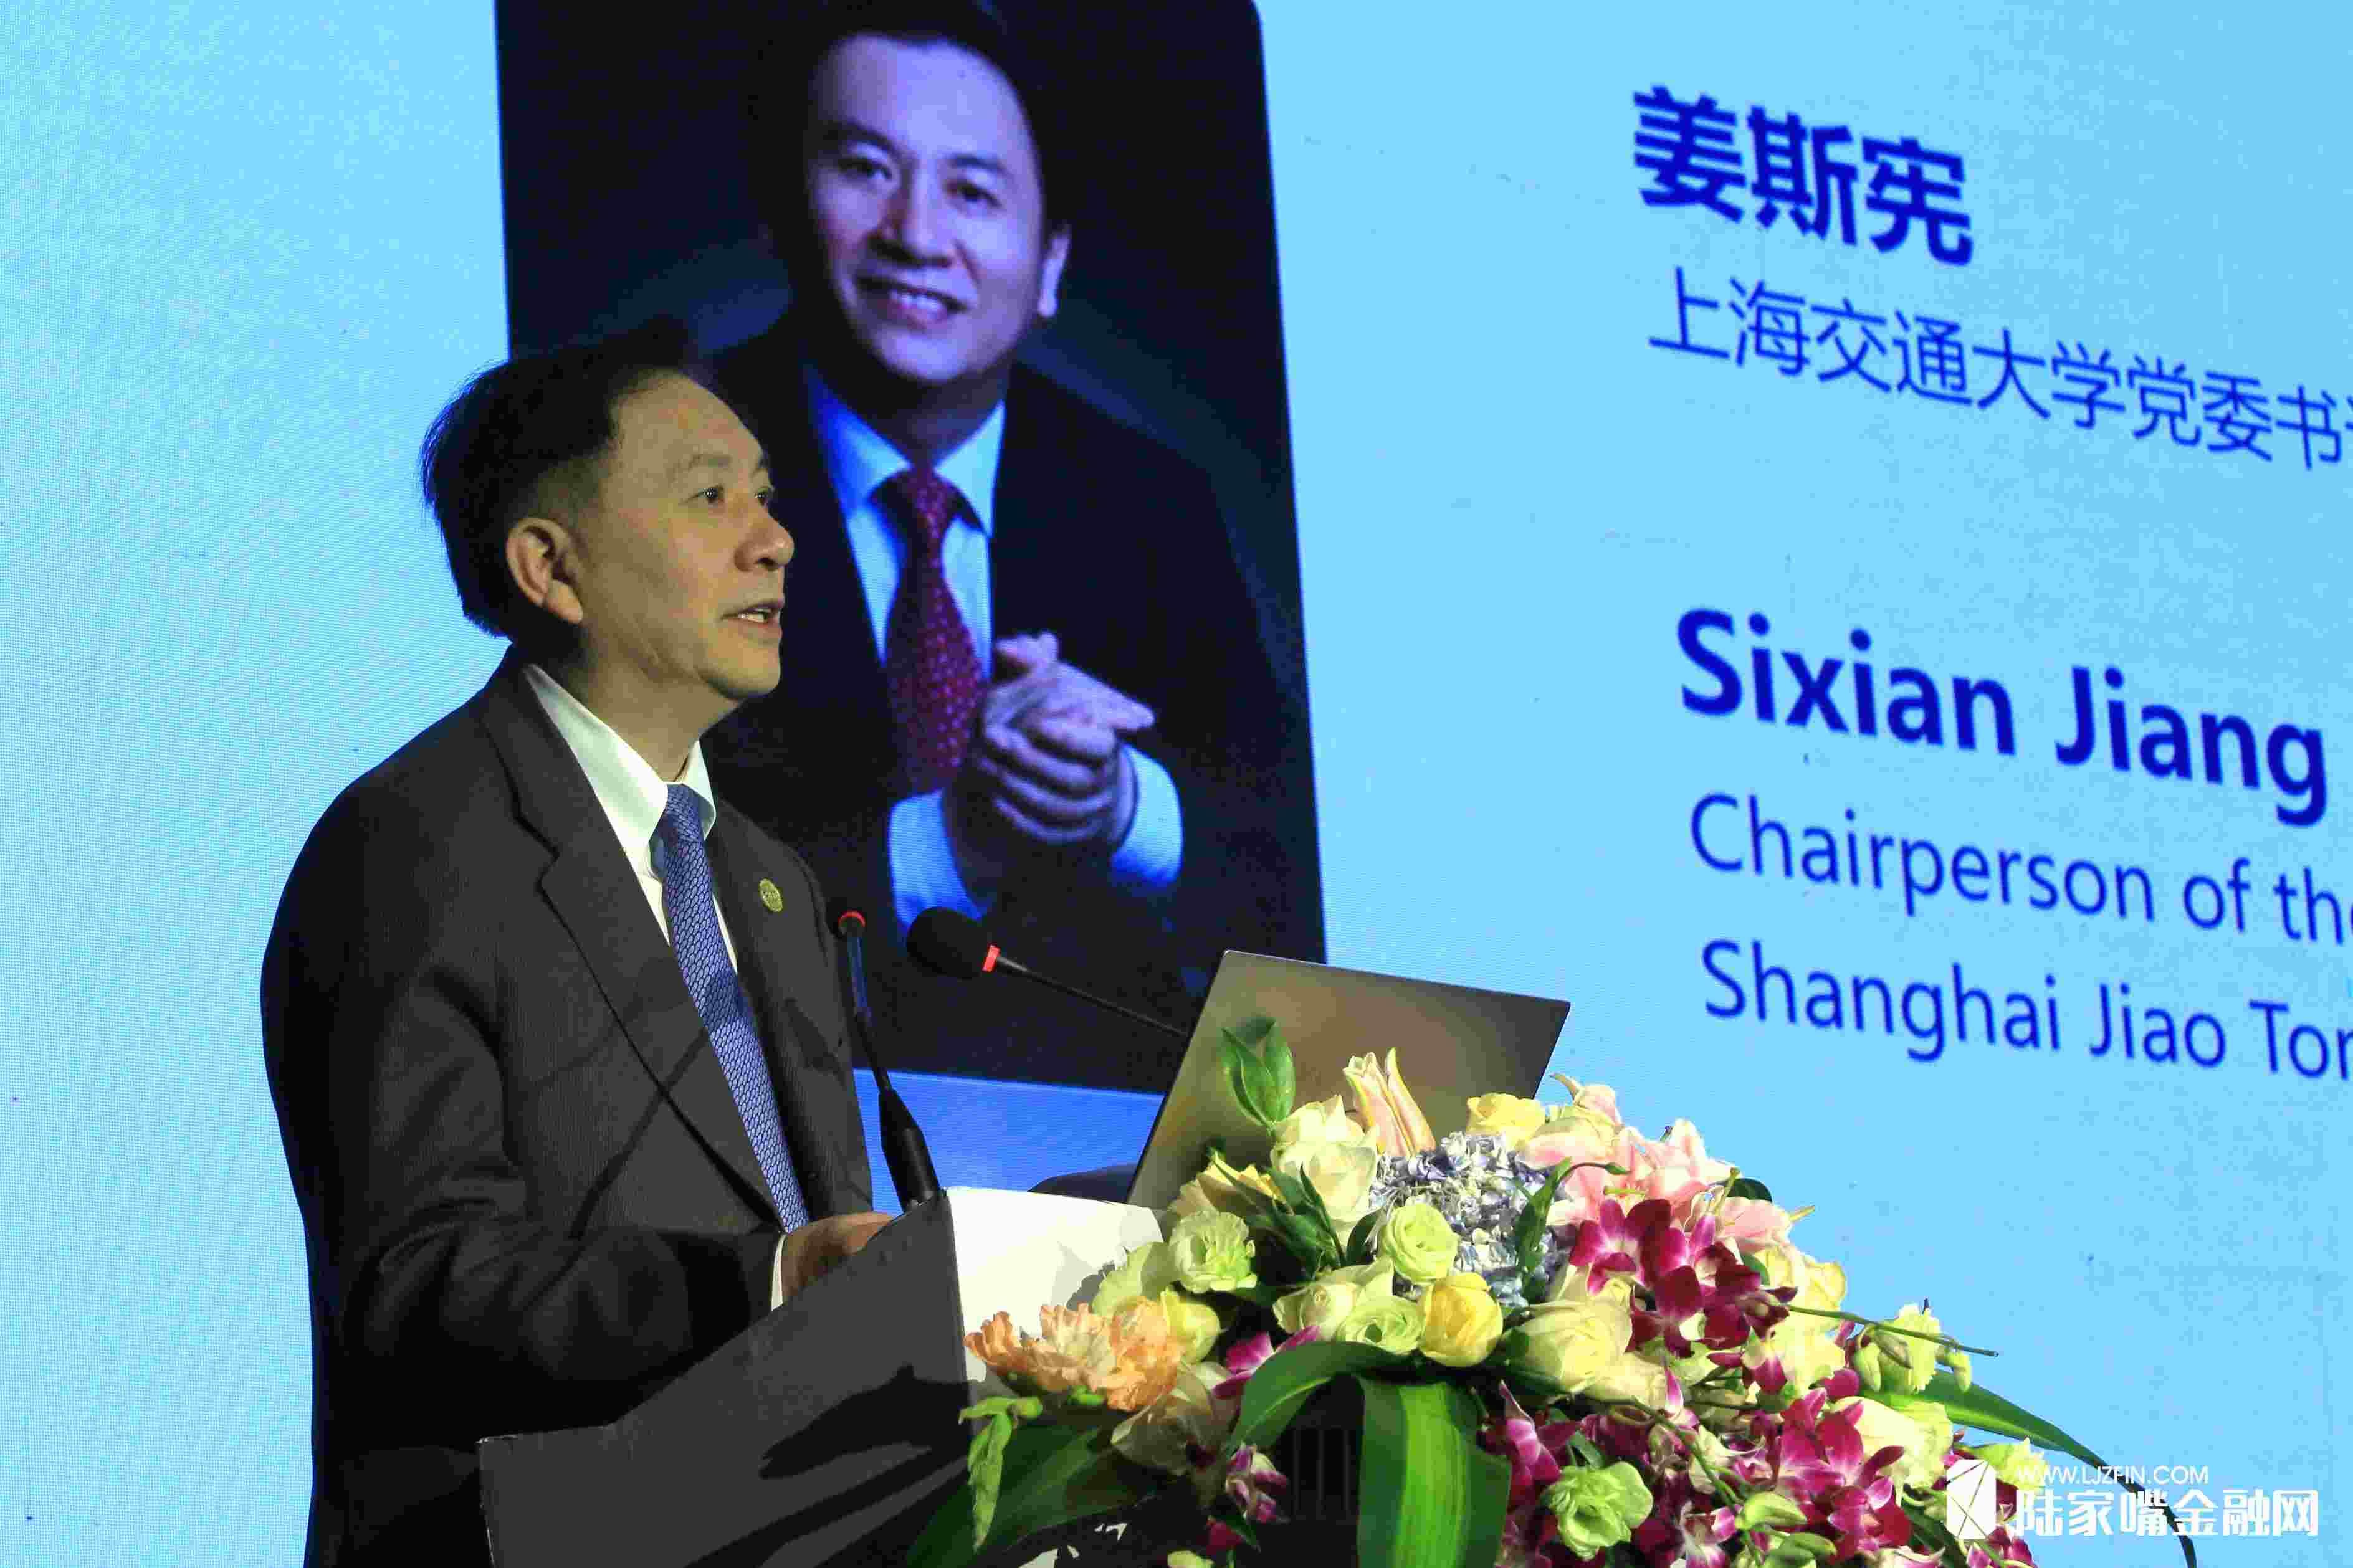 姜斯宪:中国经济和金融发展取得了举世瞩目的历史成就